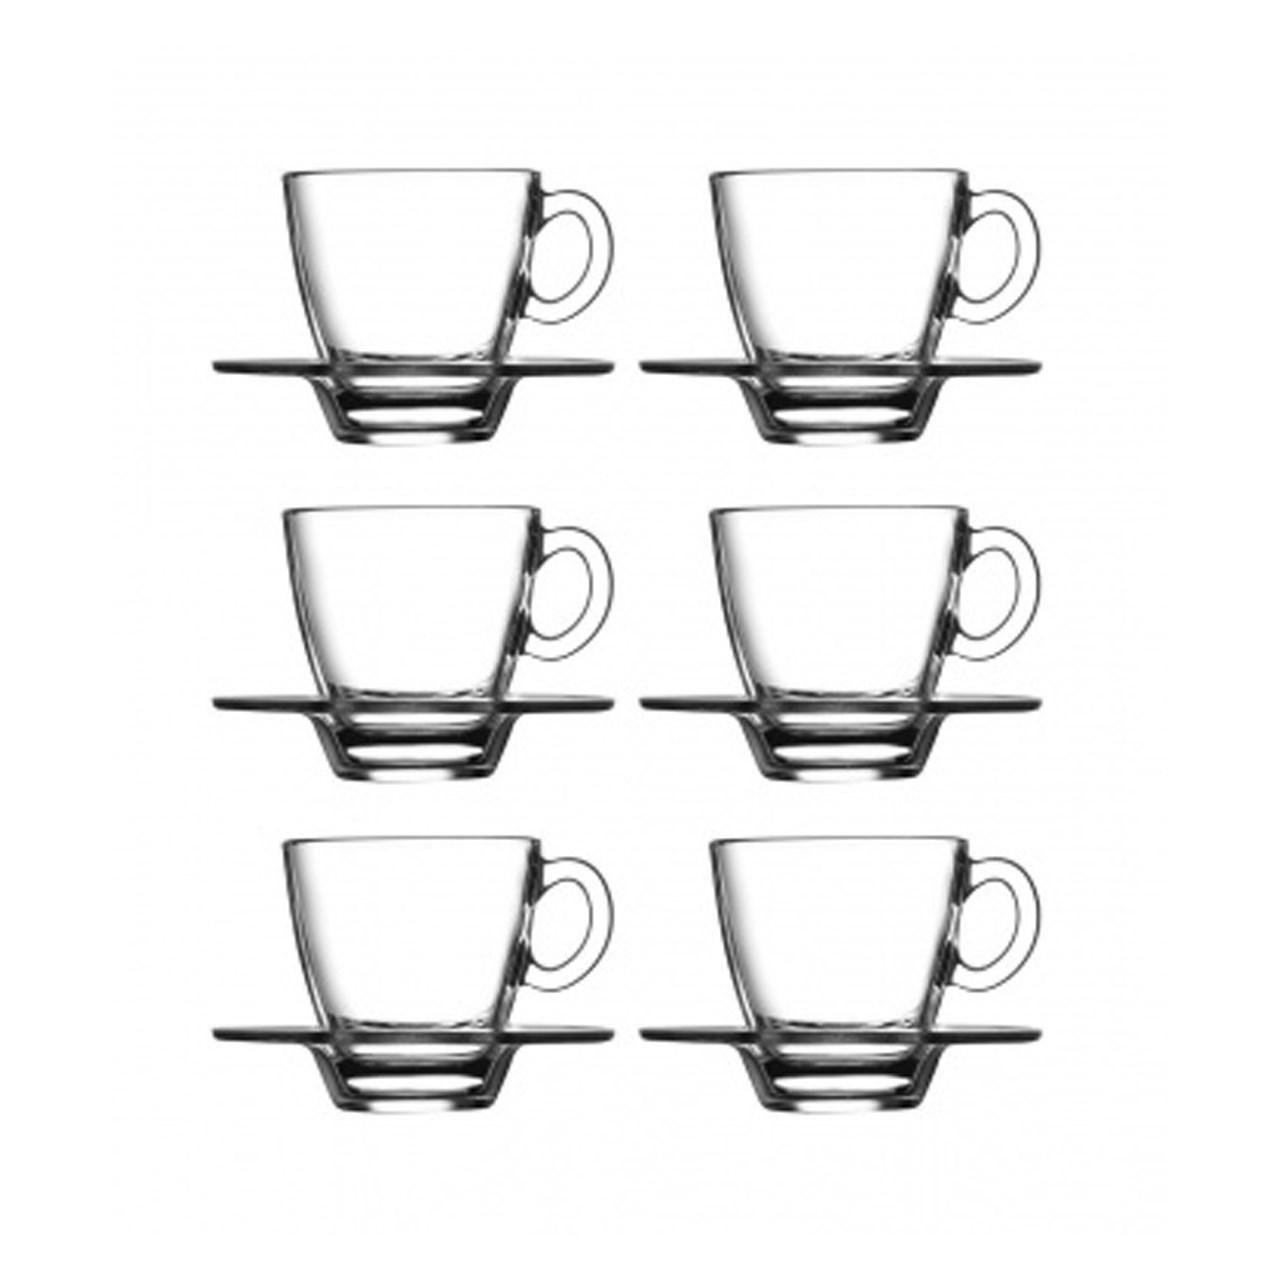 عکس ست فنجان و نعلبکی پاشاباغچه مدلAqua کد 95756 -بسته 6 عددی